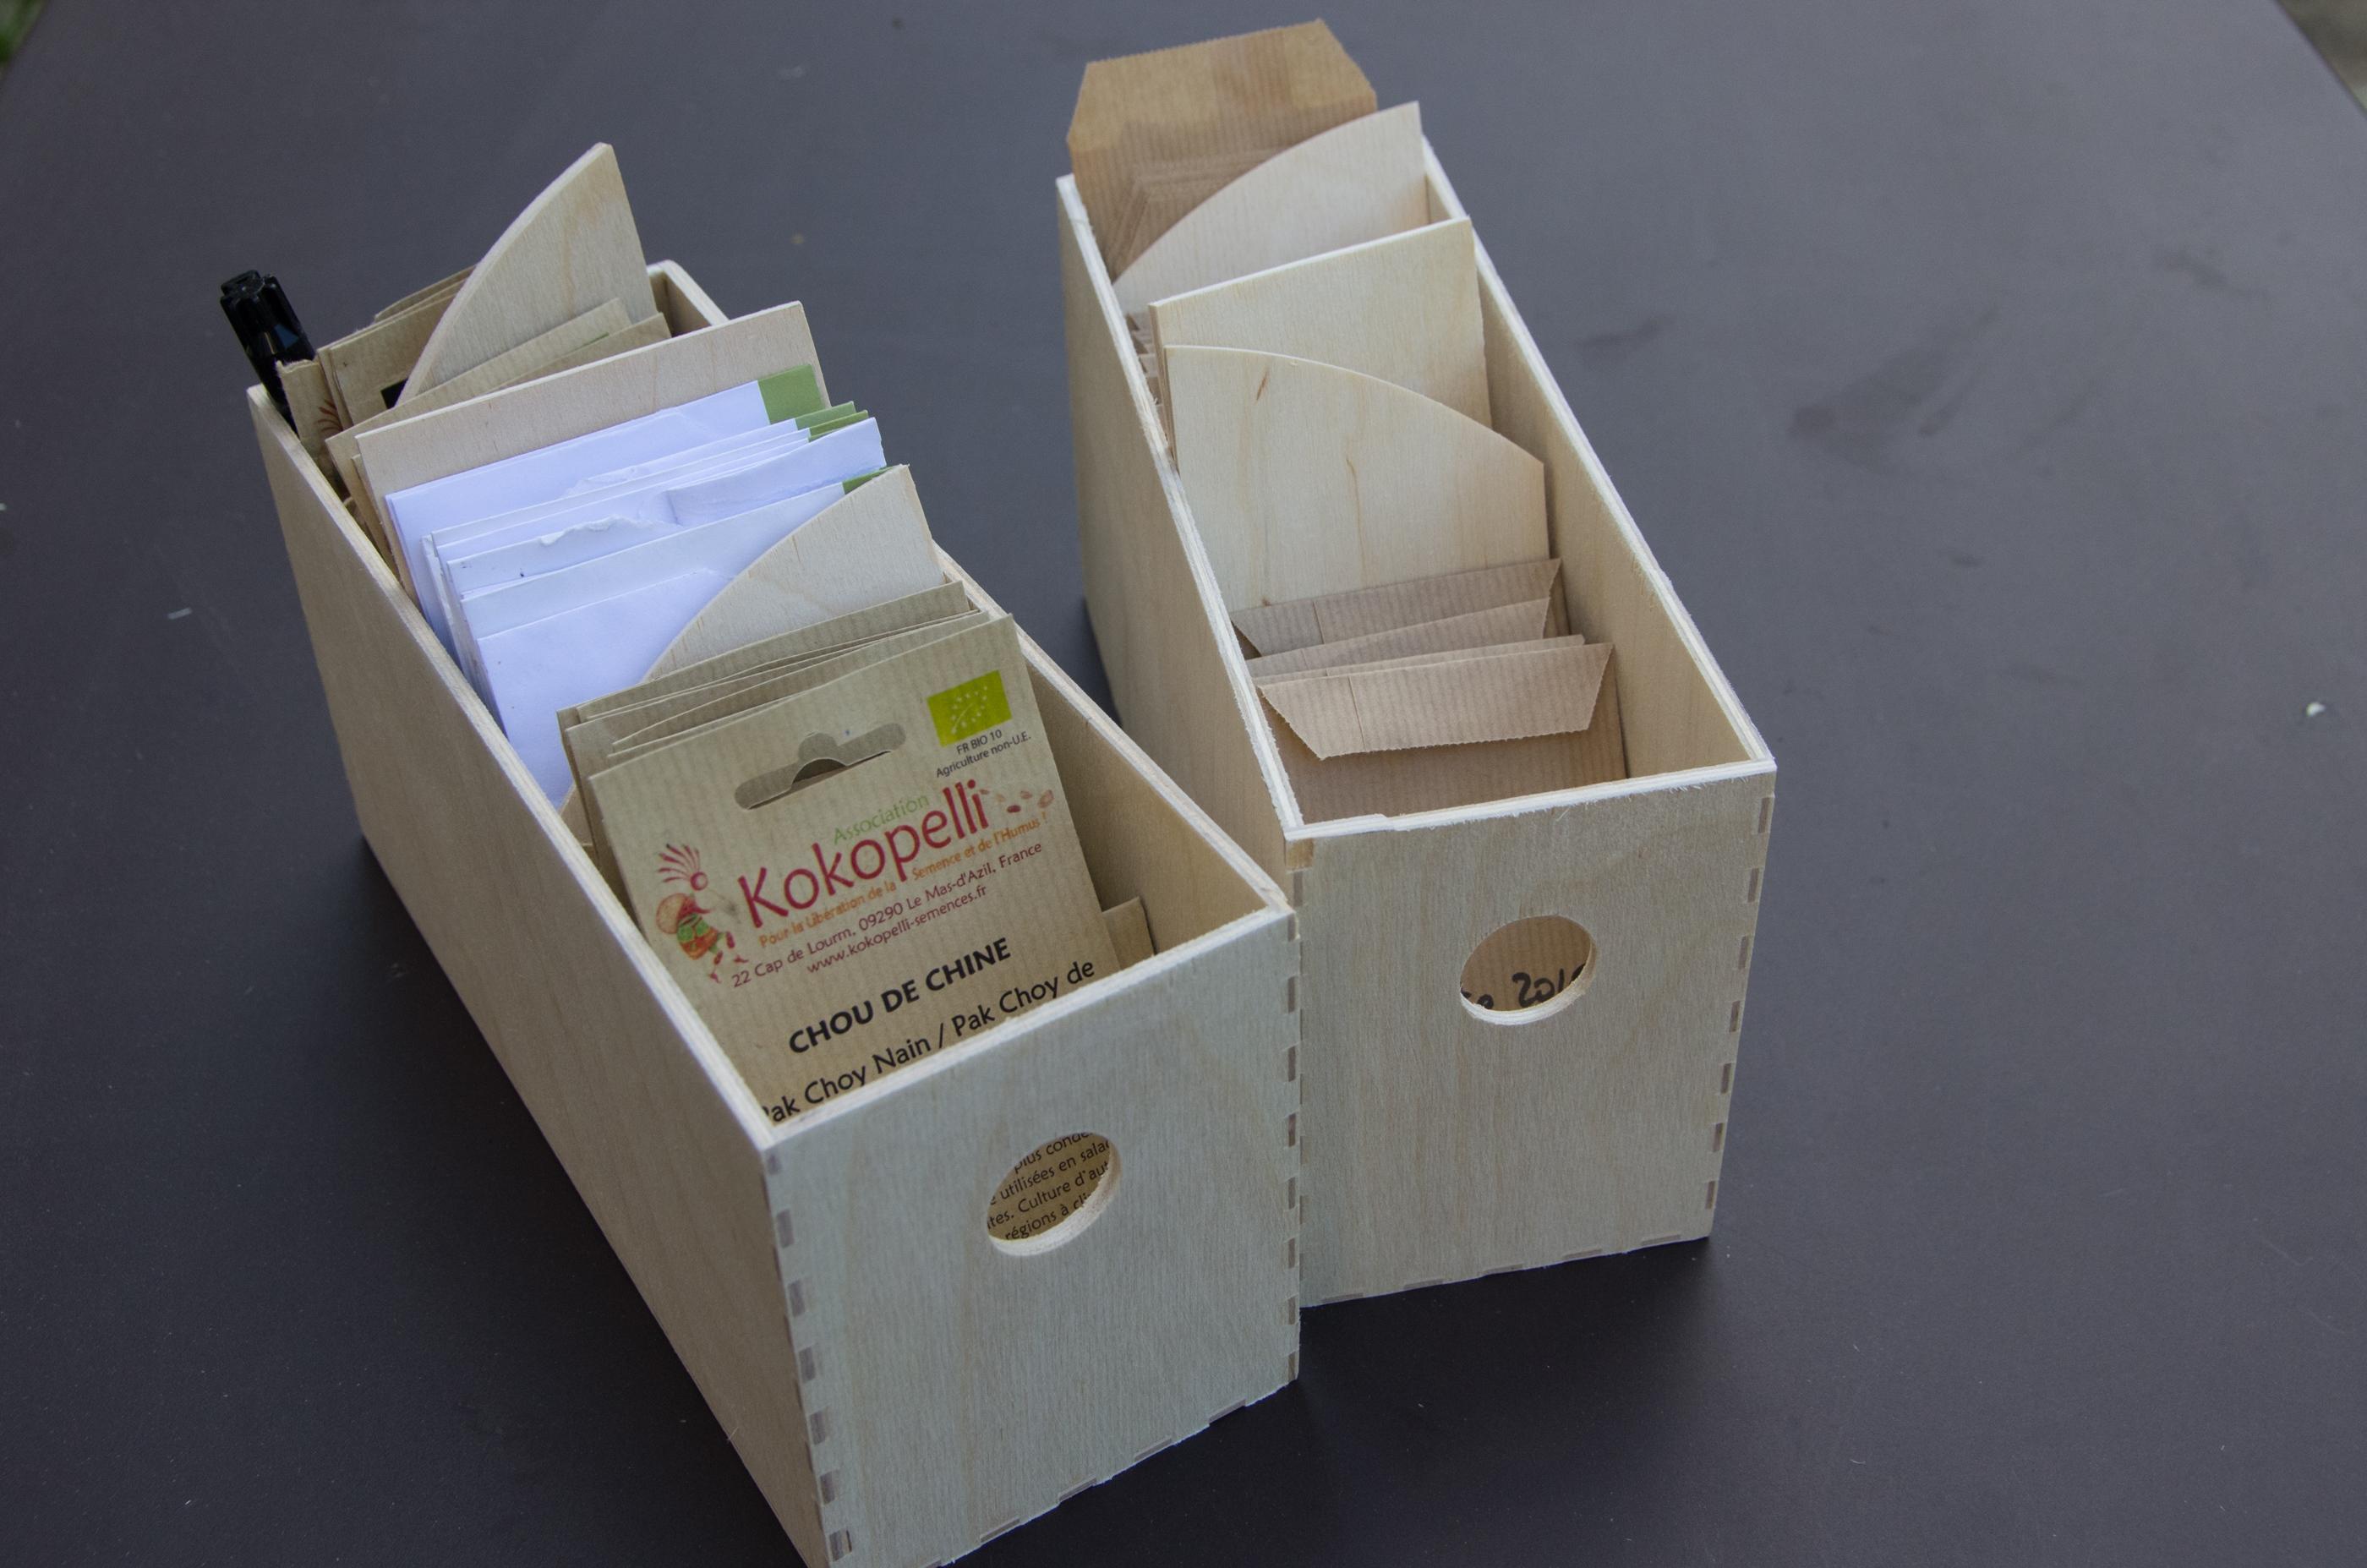 tutoriels pour jardinier d butant au potager. Black Bedroom Furniture Sets. Home Design Ideas